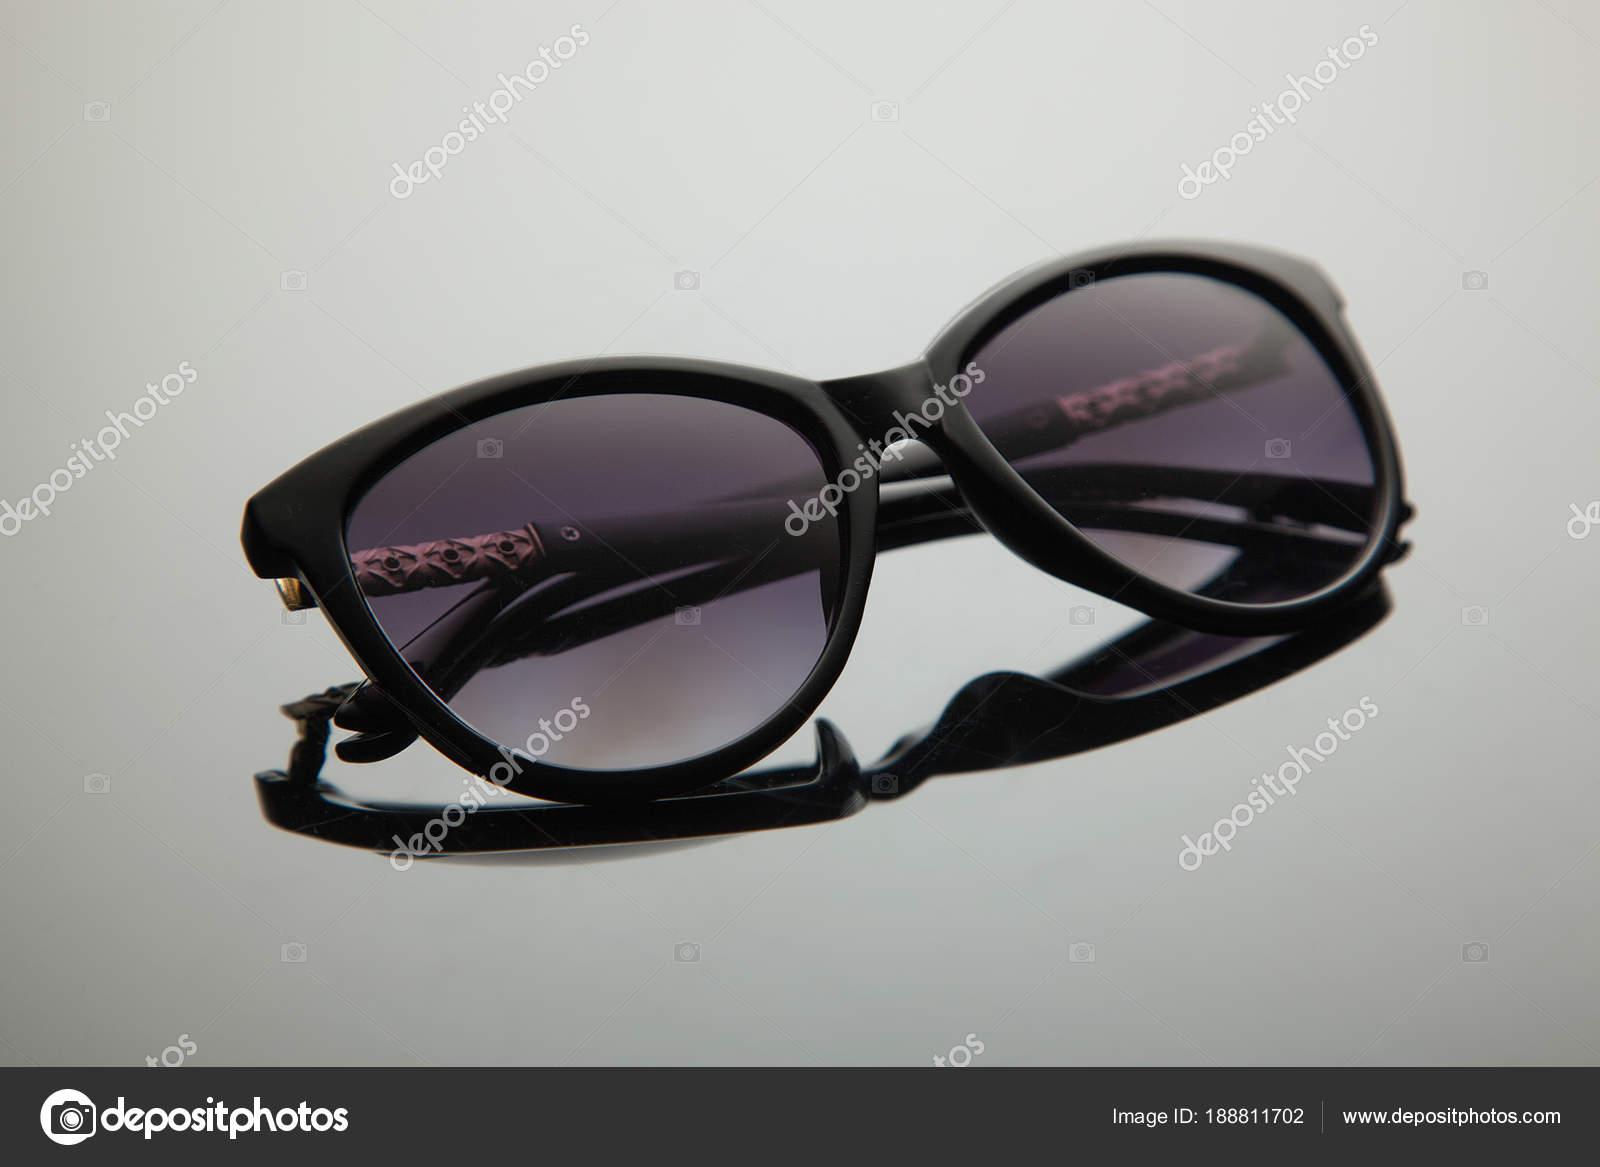 fce4781de58179 Mode dégradé élégant avec filtre polarisant, or décoration sur la douche,  en plastique noir, lunettes de soleil femmes– images de stock libres de  droits